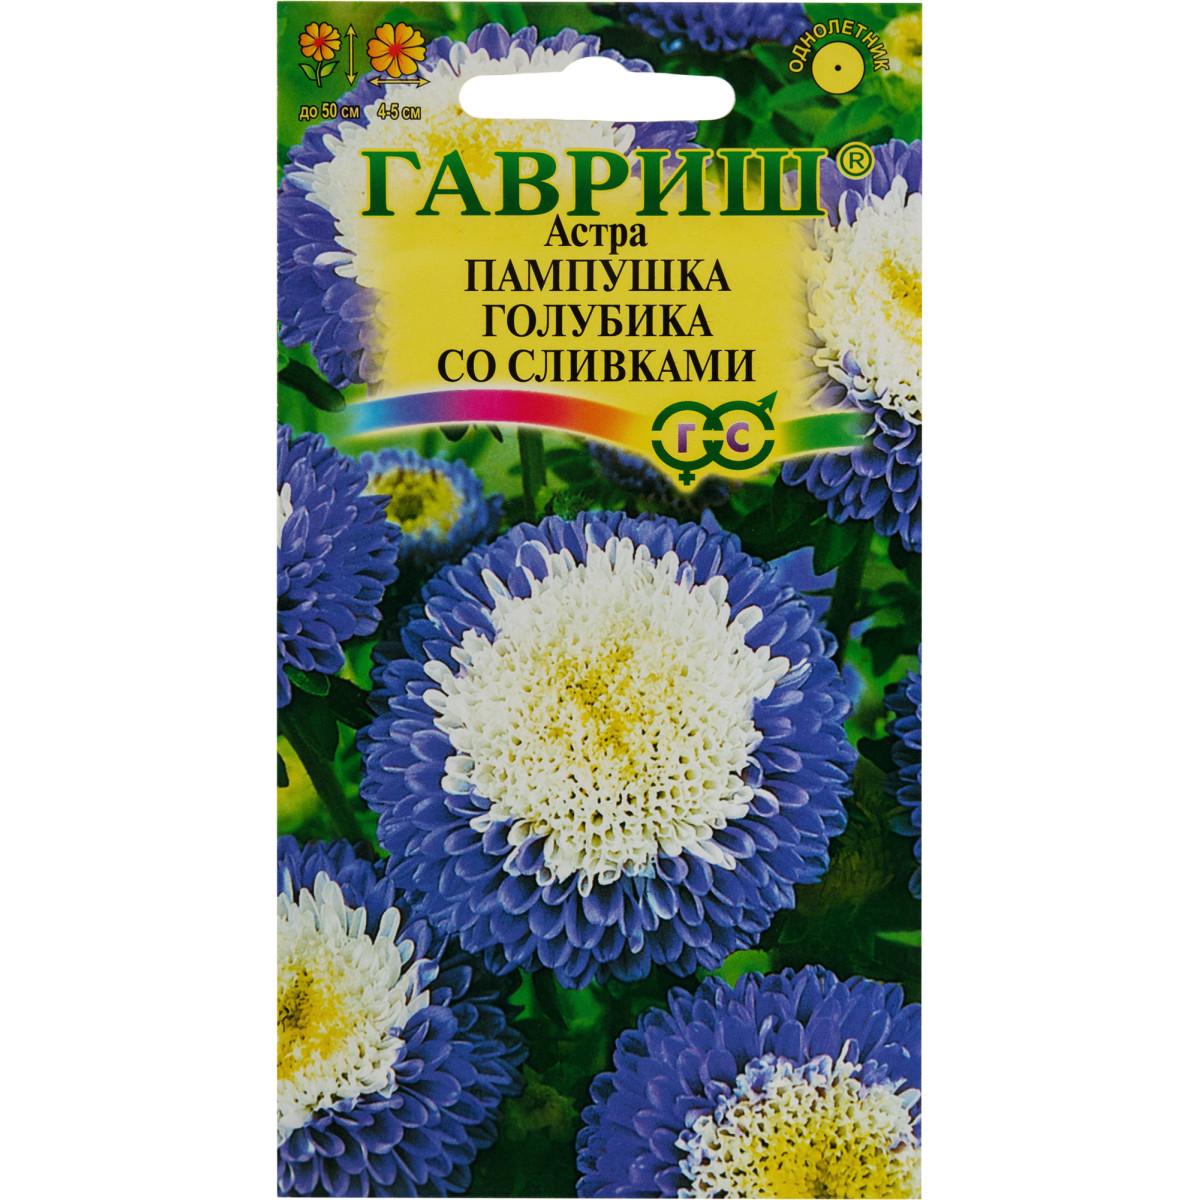 Астра Пампушка «Голубика со сливками» 0.3 г